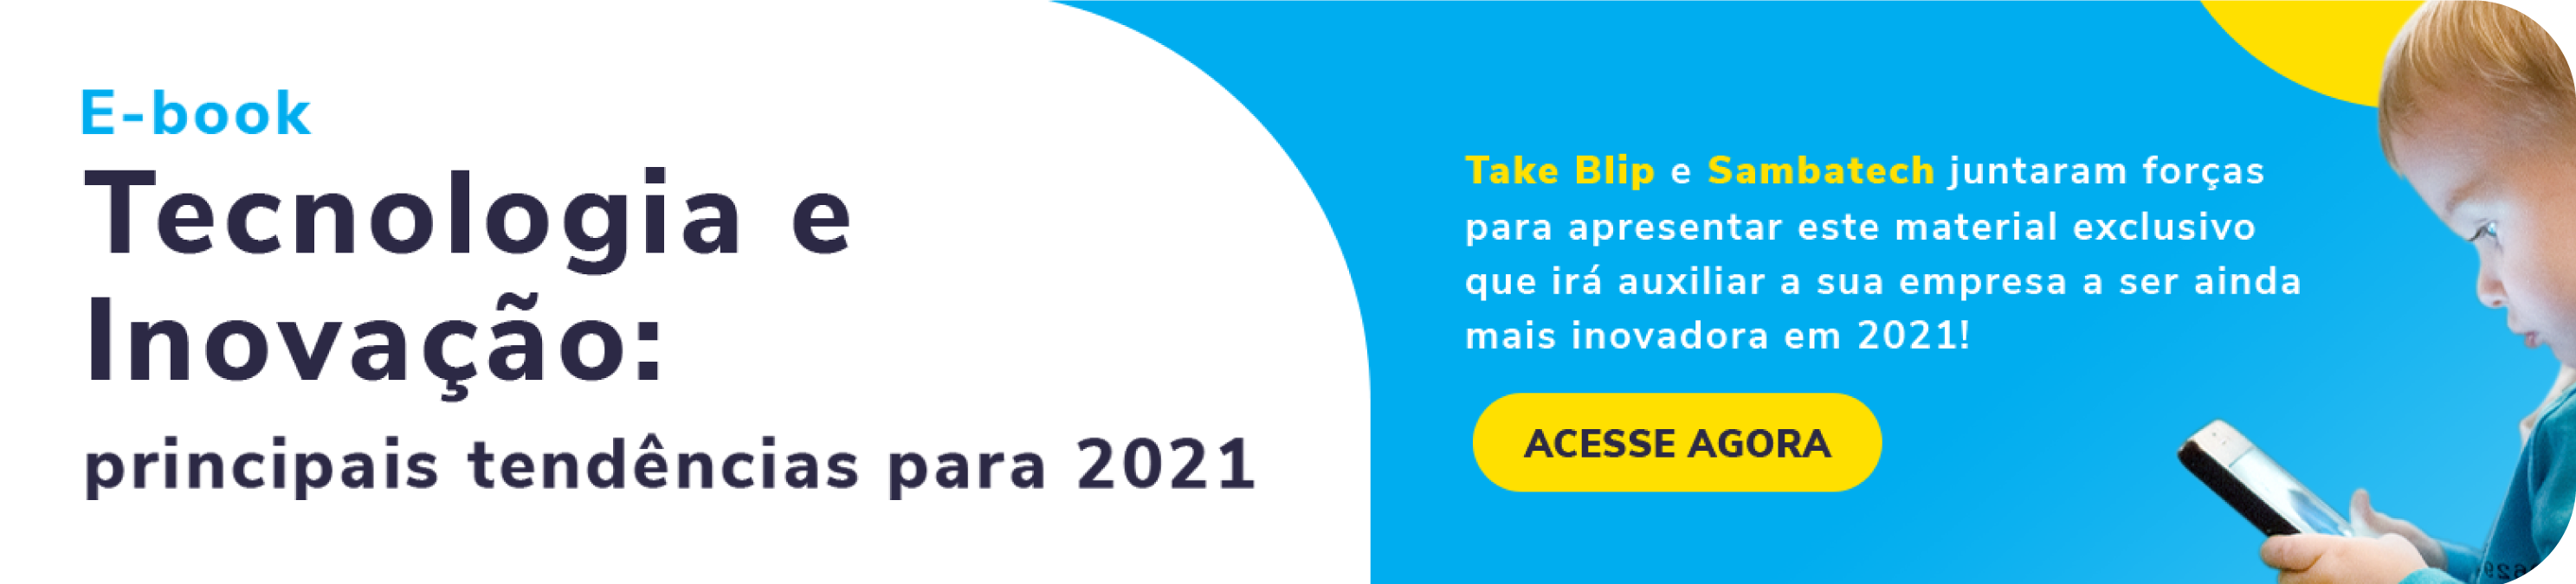 Ebook Tecnologia e Inovação: Tendências 2021  | Sambatech